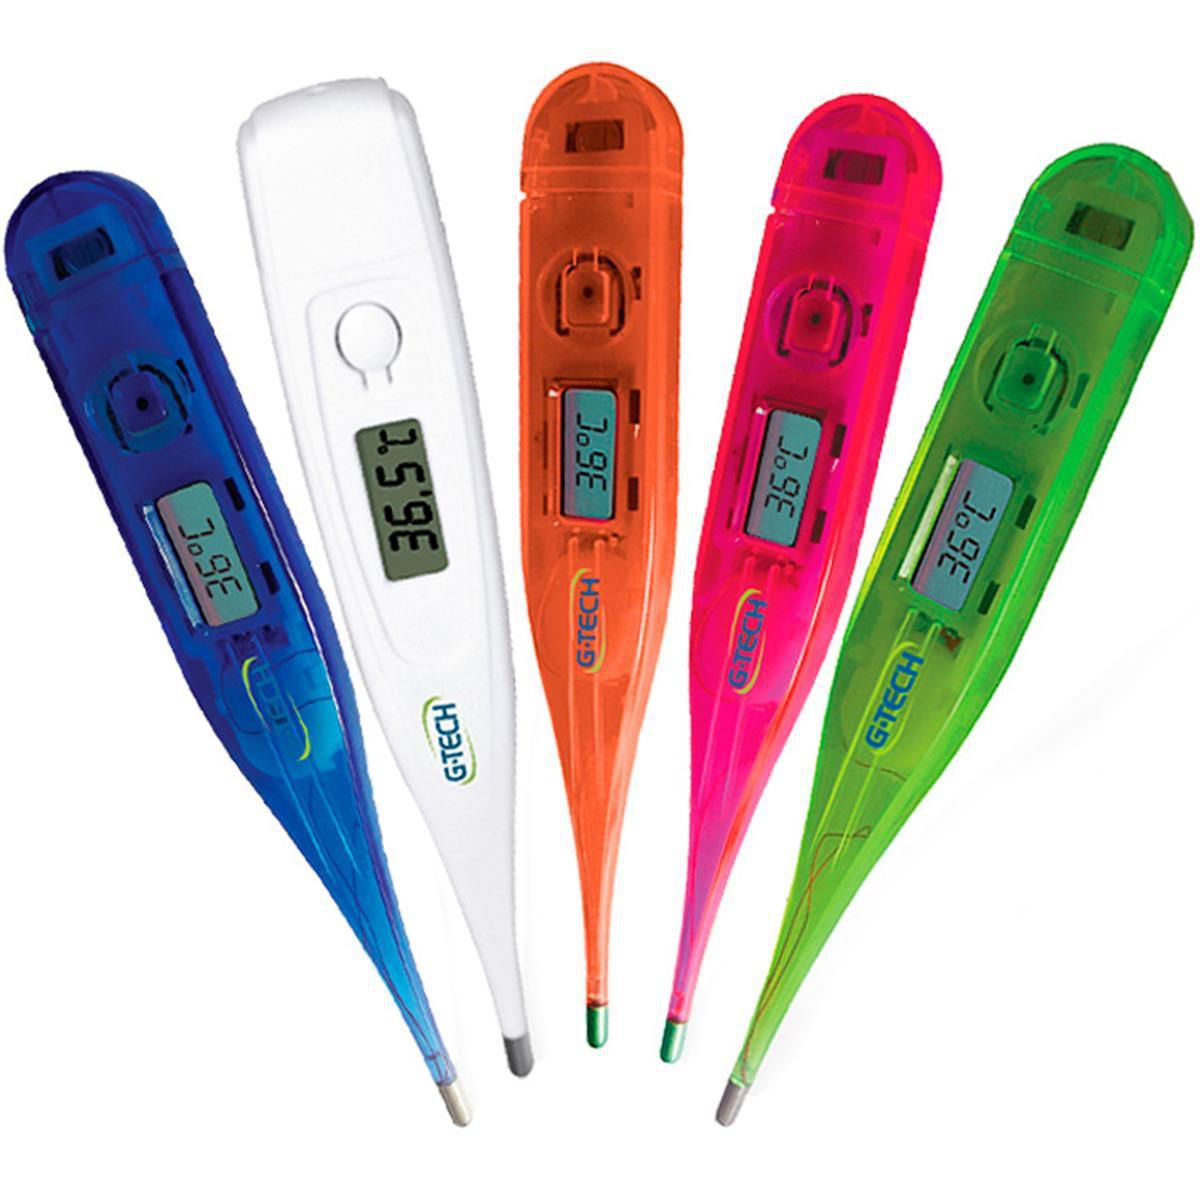 Termômetro digital iColor G-Tech - Branco